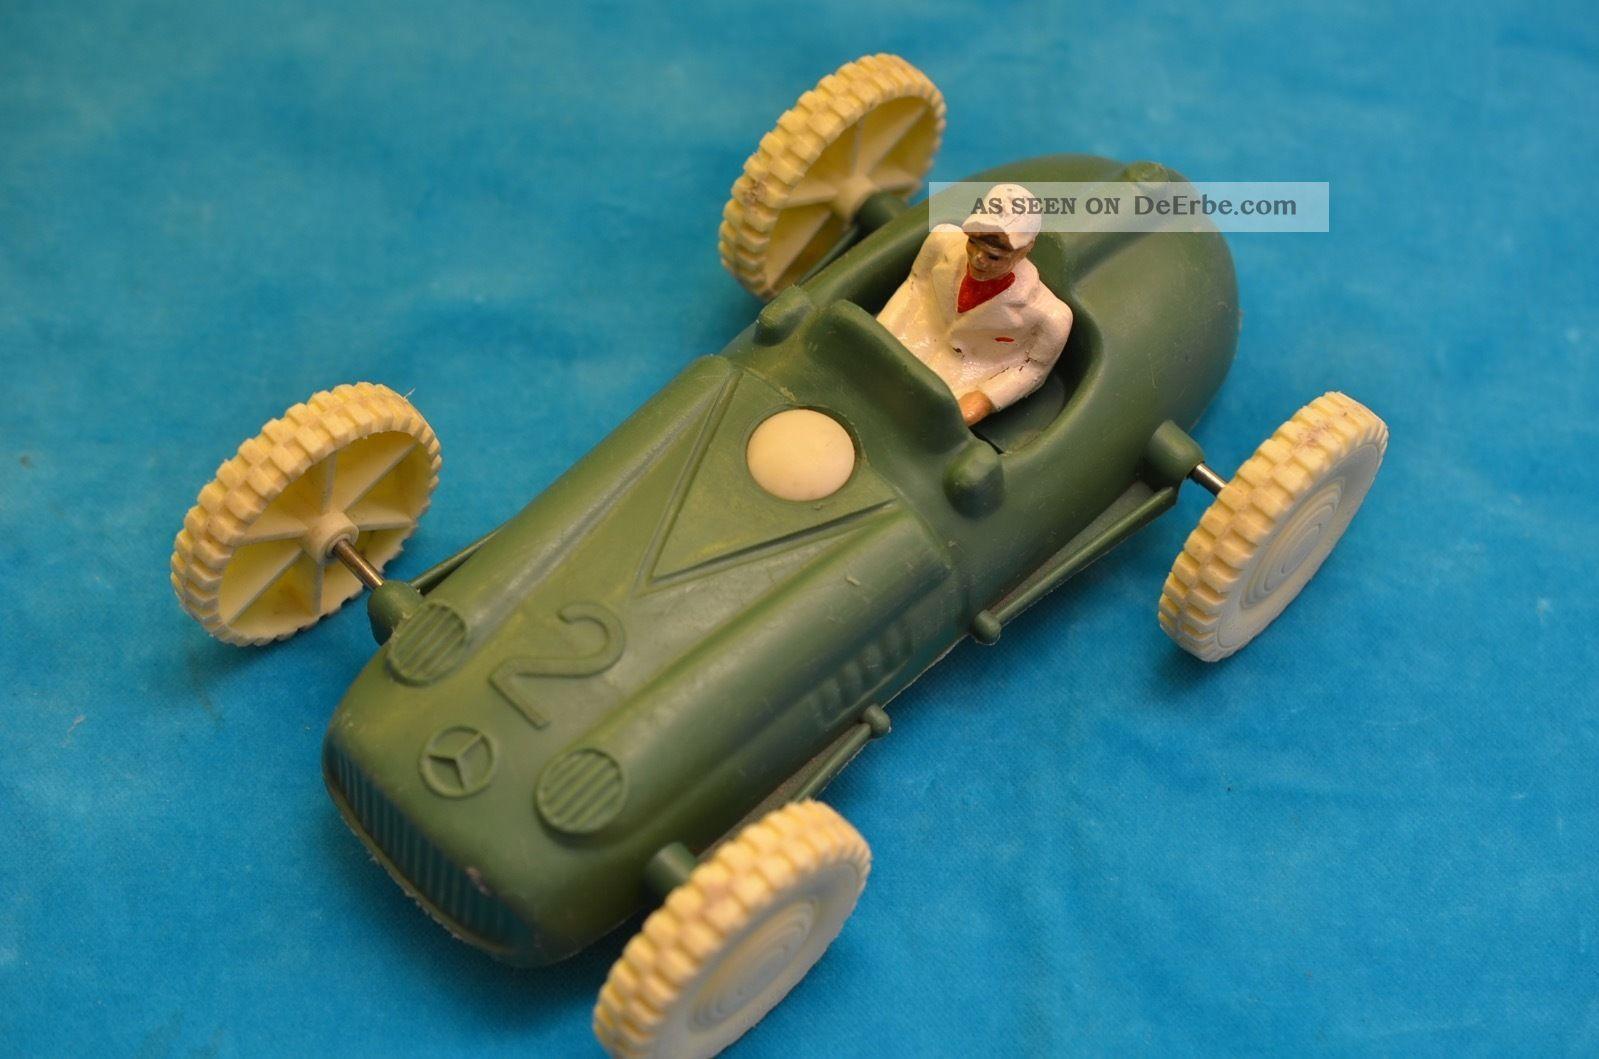 Altes Sammlerstück M.  S.  Favorit Silberpfeil Rennwagen Plastikauto 50er Jahre Original, gefertigt 1945-1970 Bild